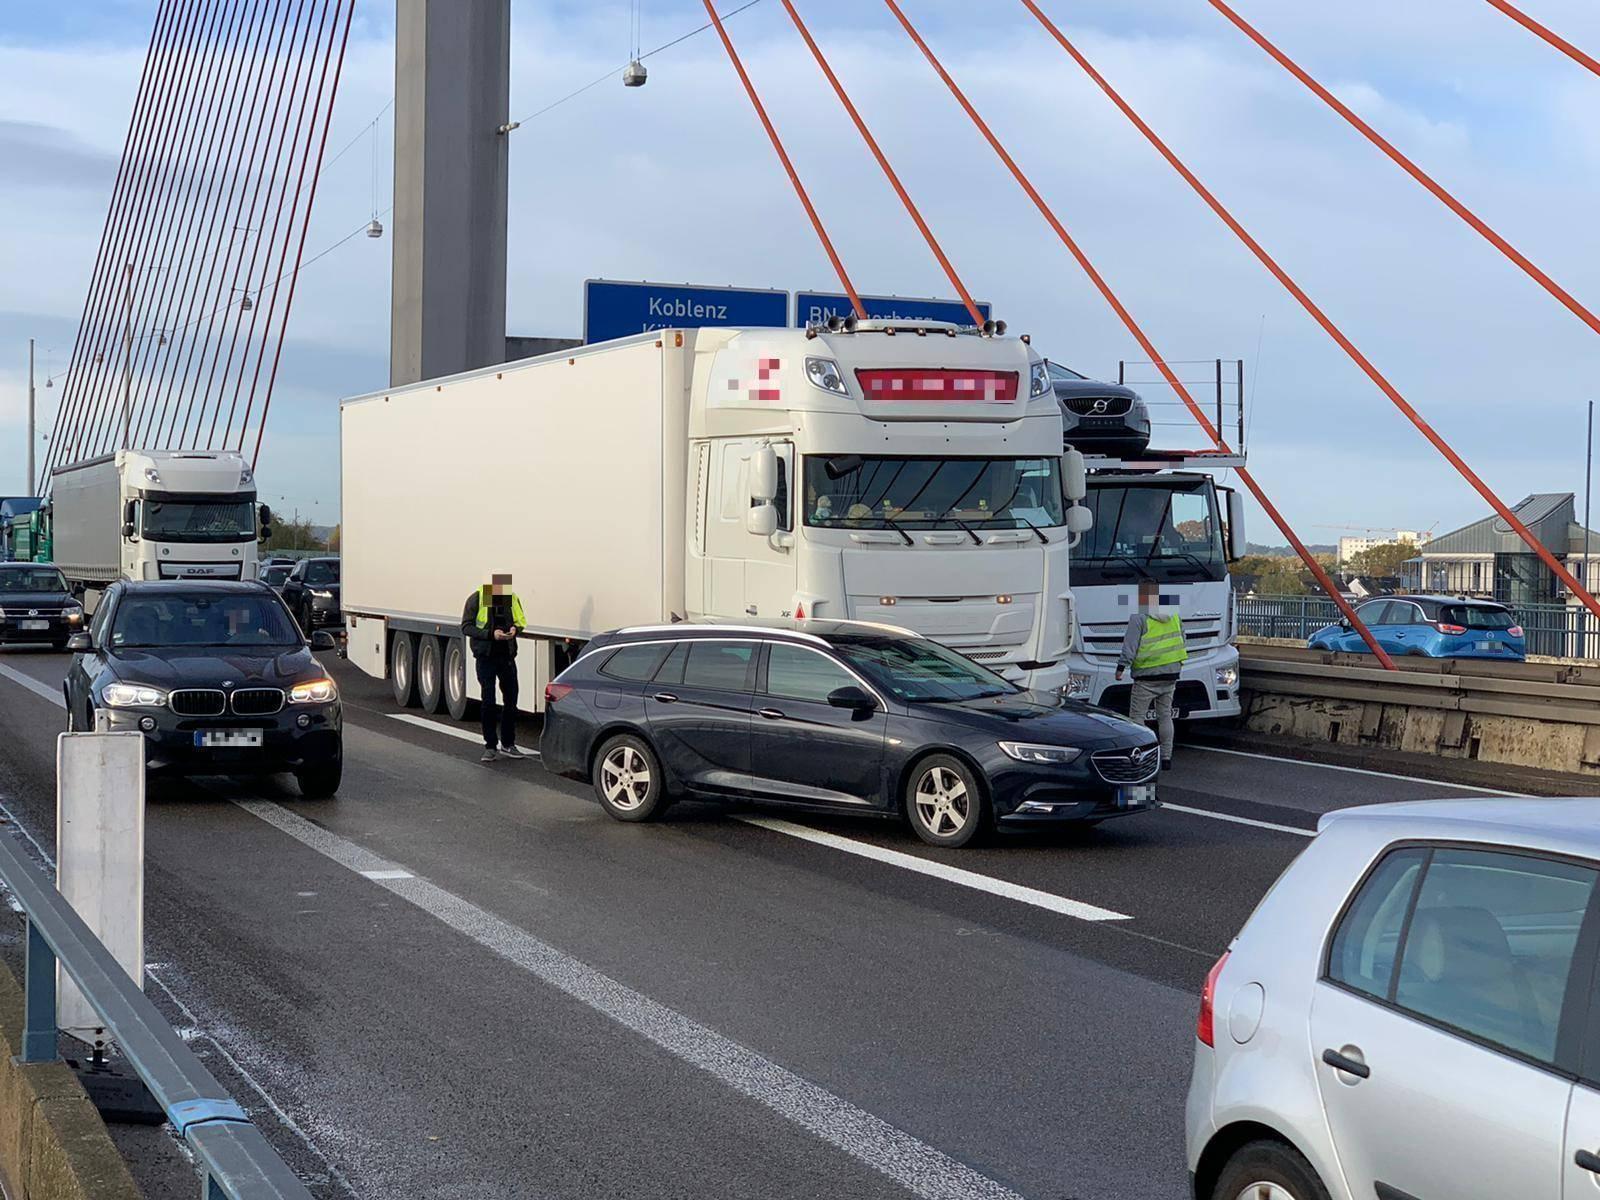 Stau Bonn A565